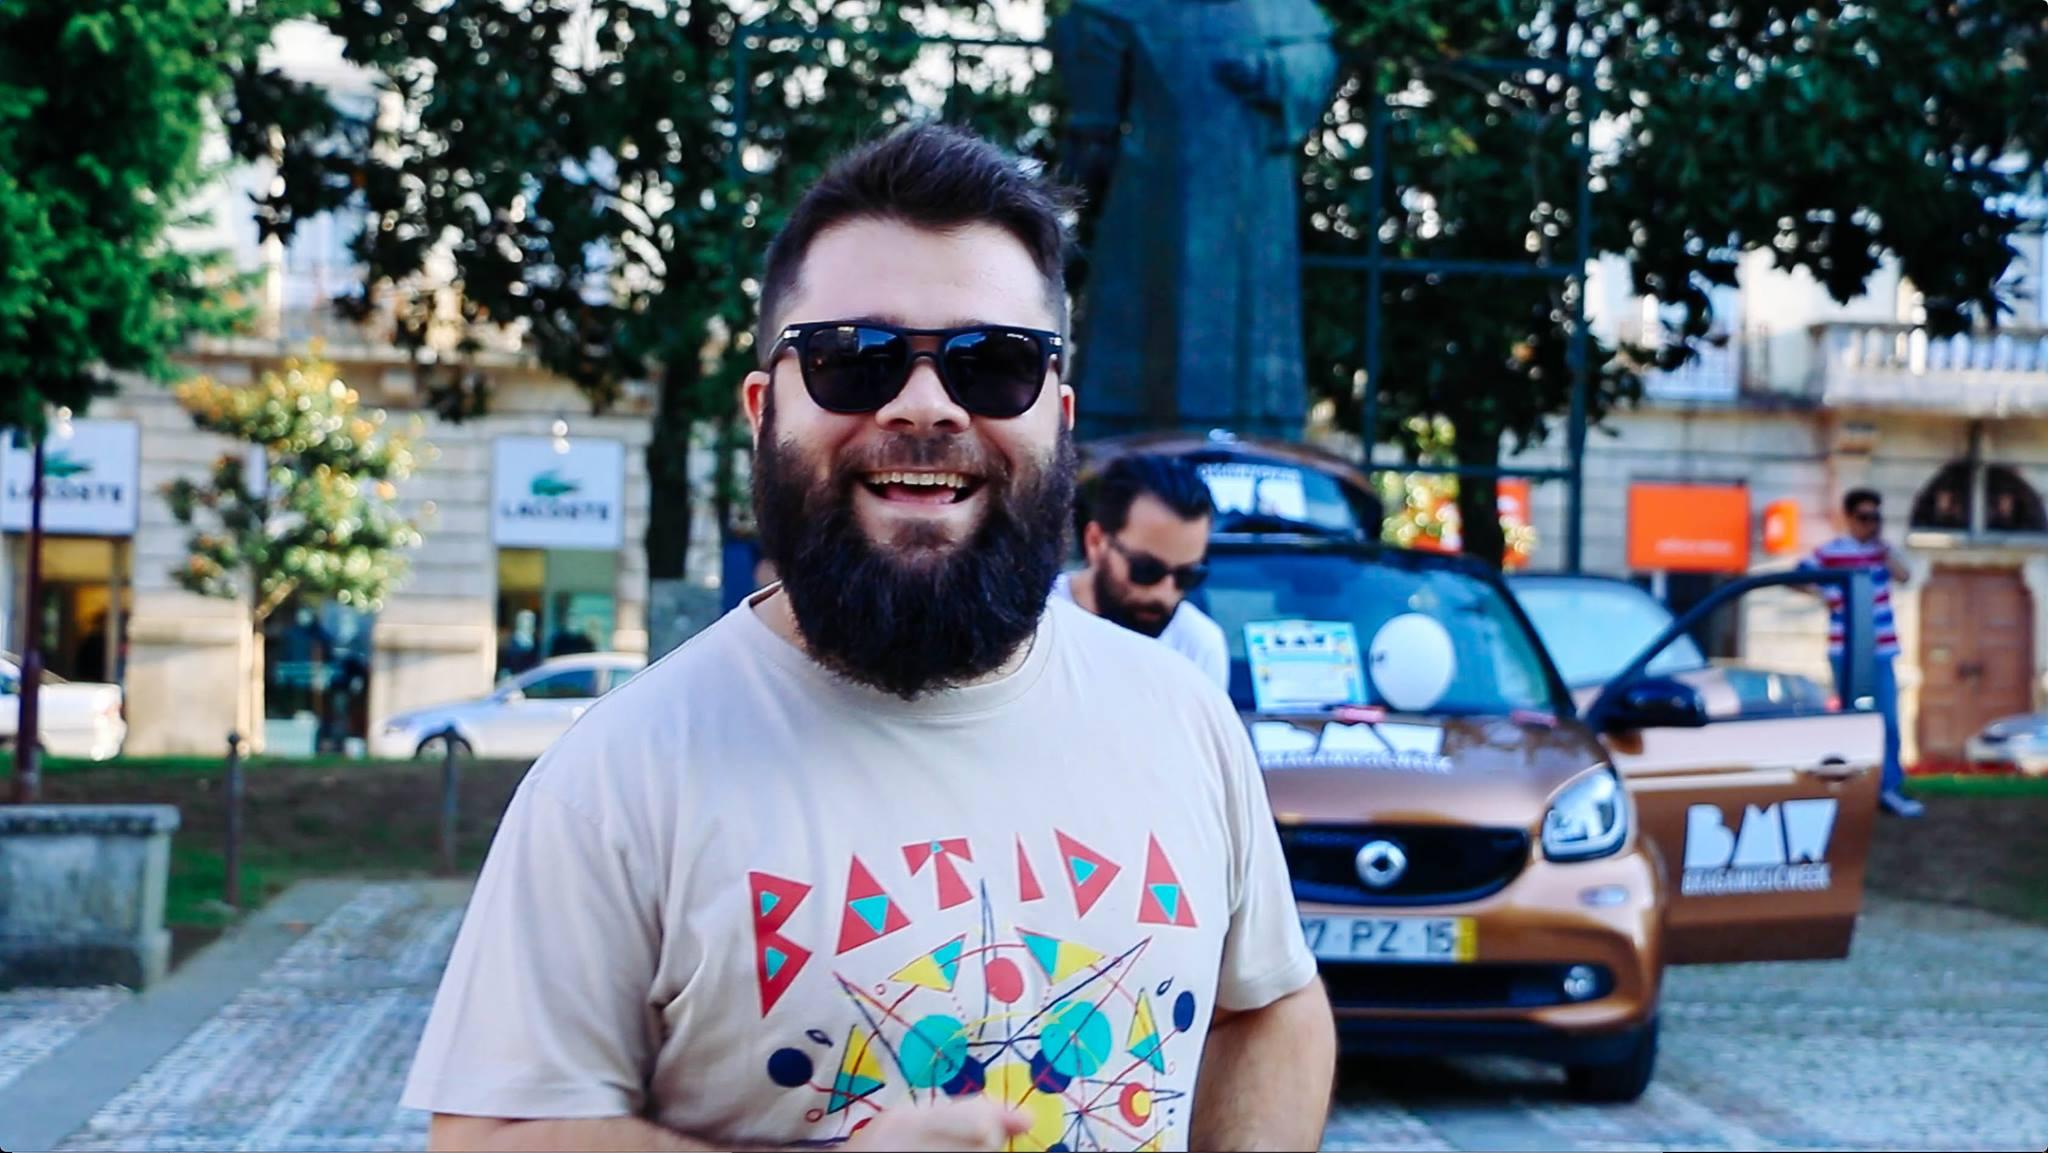 Para além dos concertos regulares e do agenciamento de bandas, João integra a organização do festival Braga Music Week. Fotografia: Inês Martins